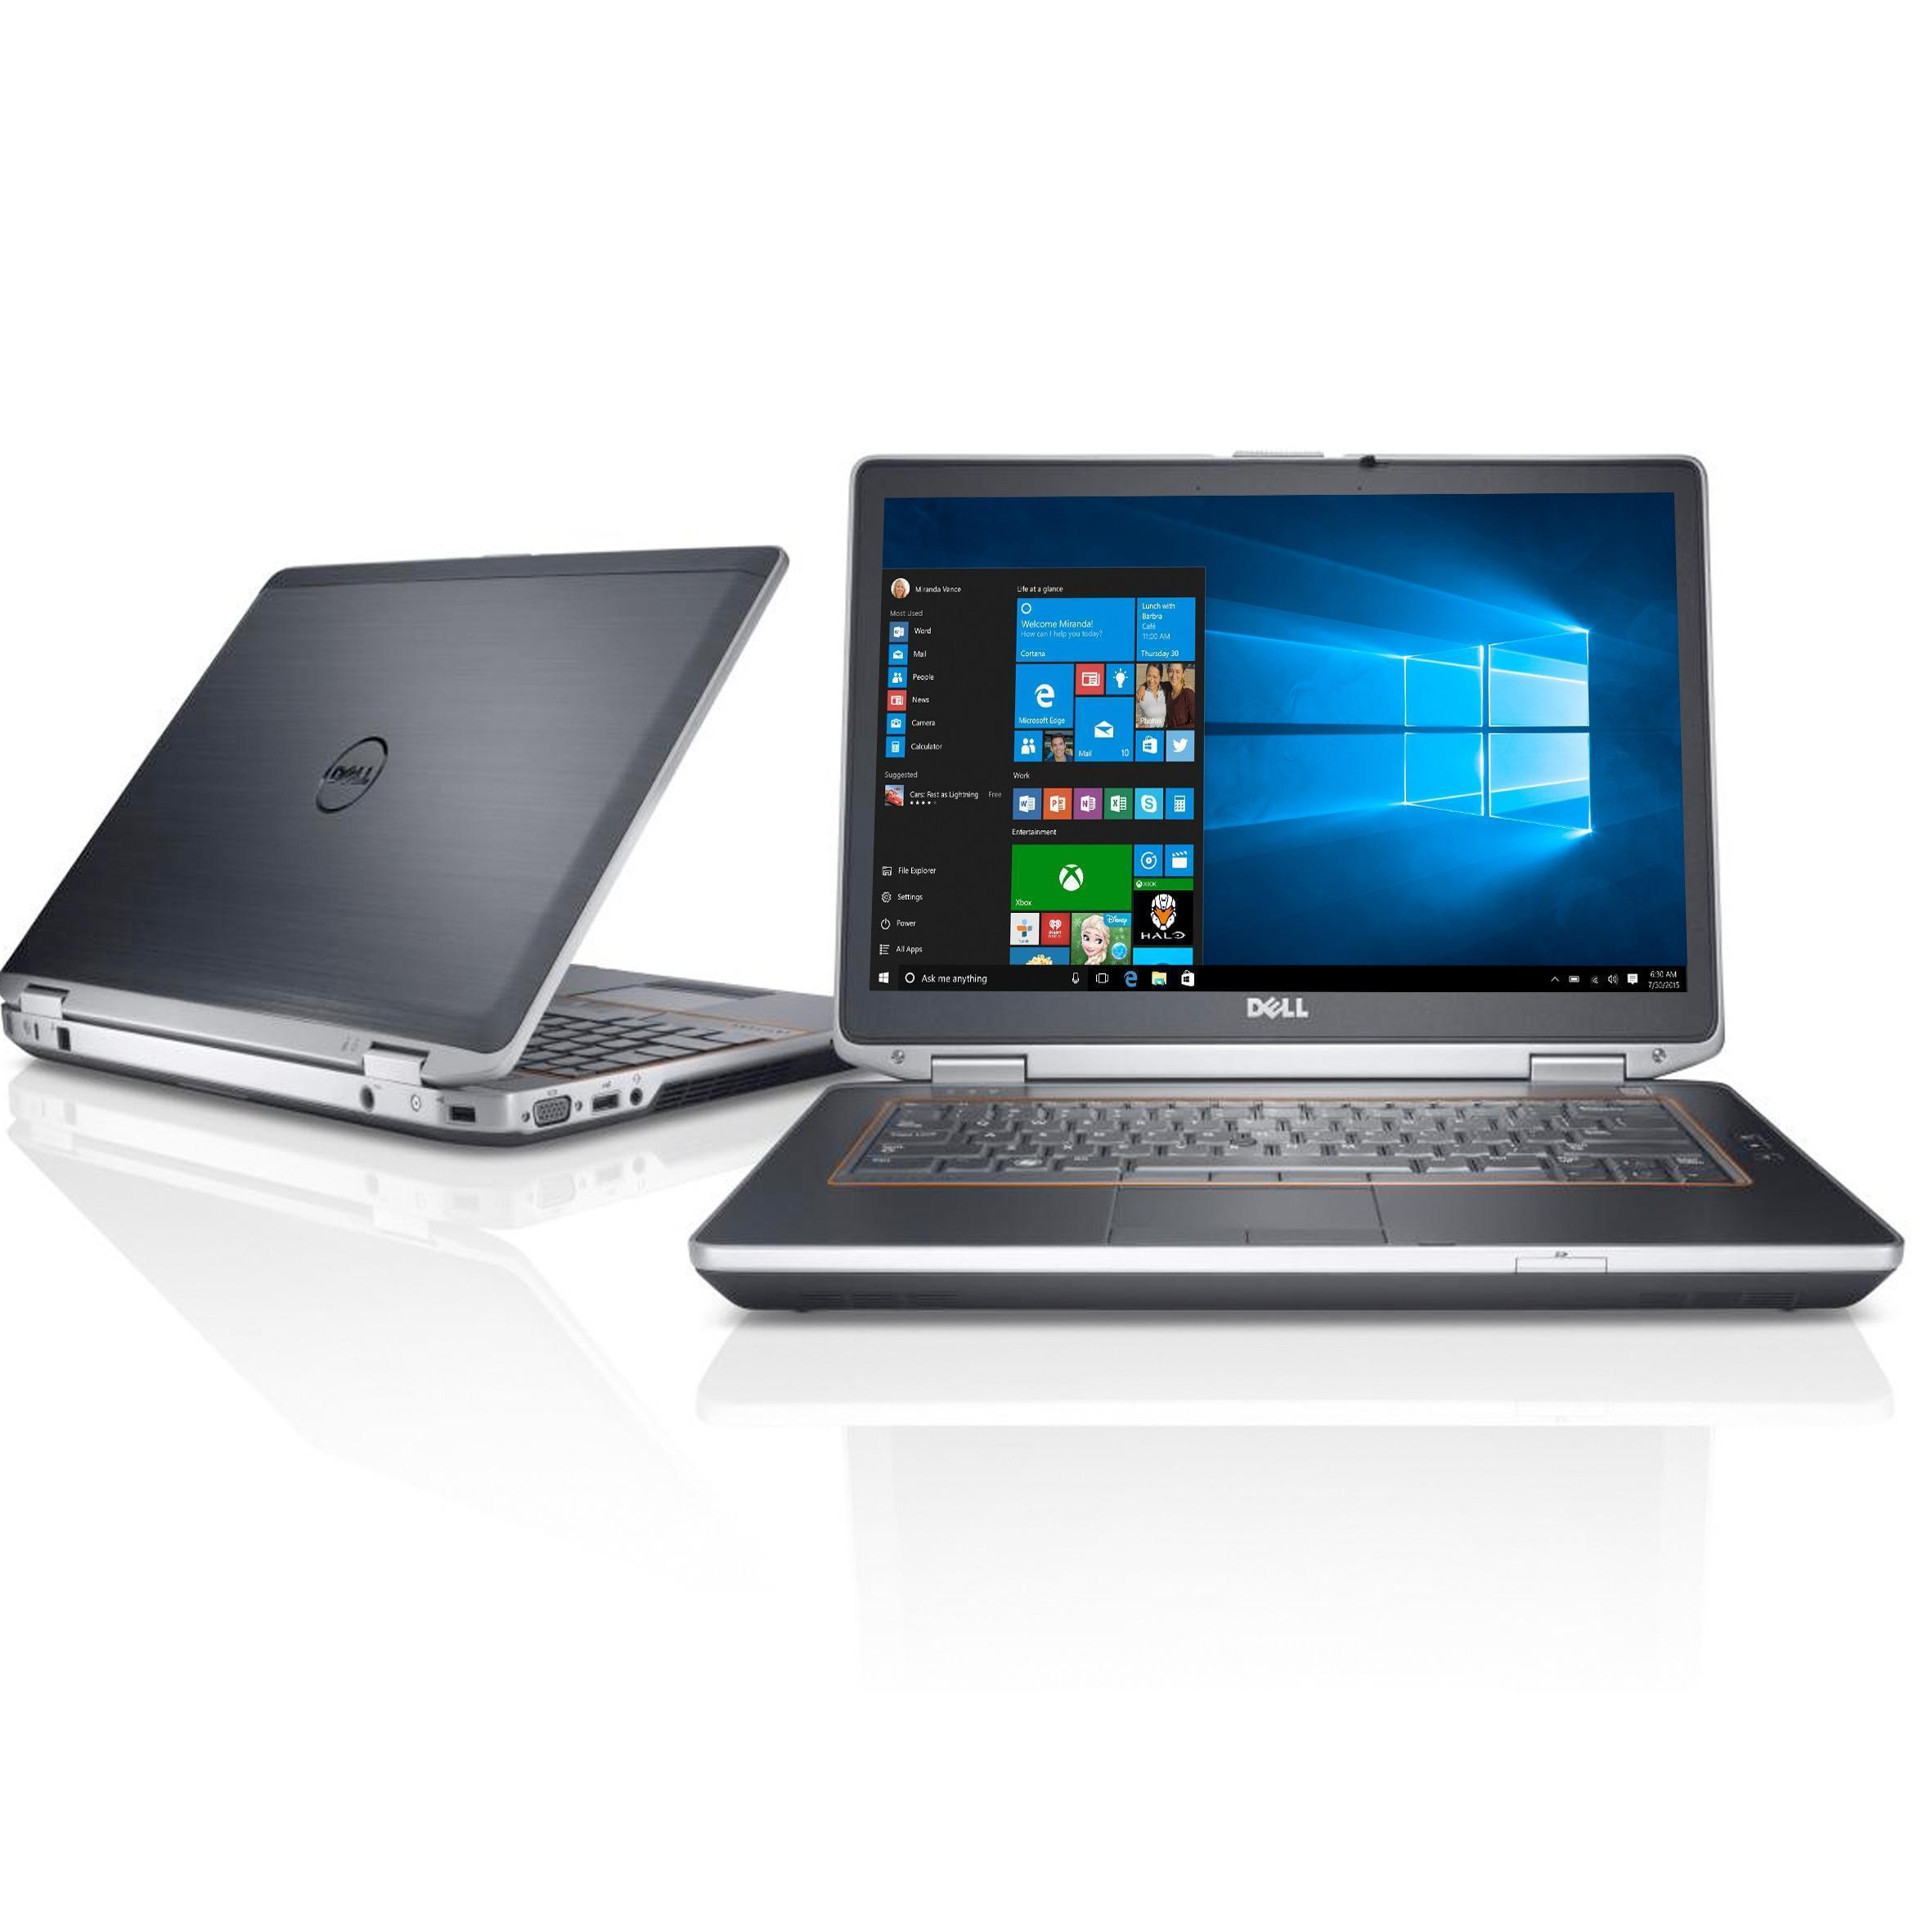 Dell Latitude E6420 14-inch (April 2011) - Core-i7 2760QM - 16 GB  - HDD 960 GB